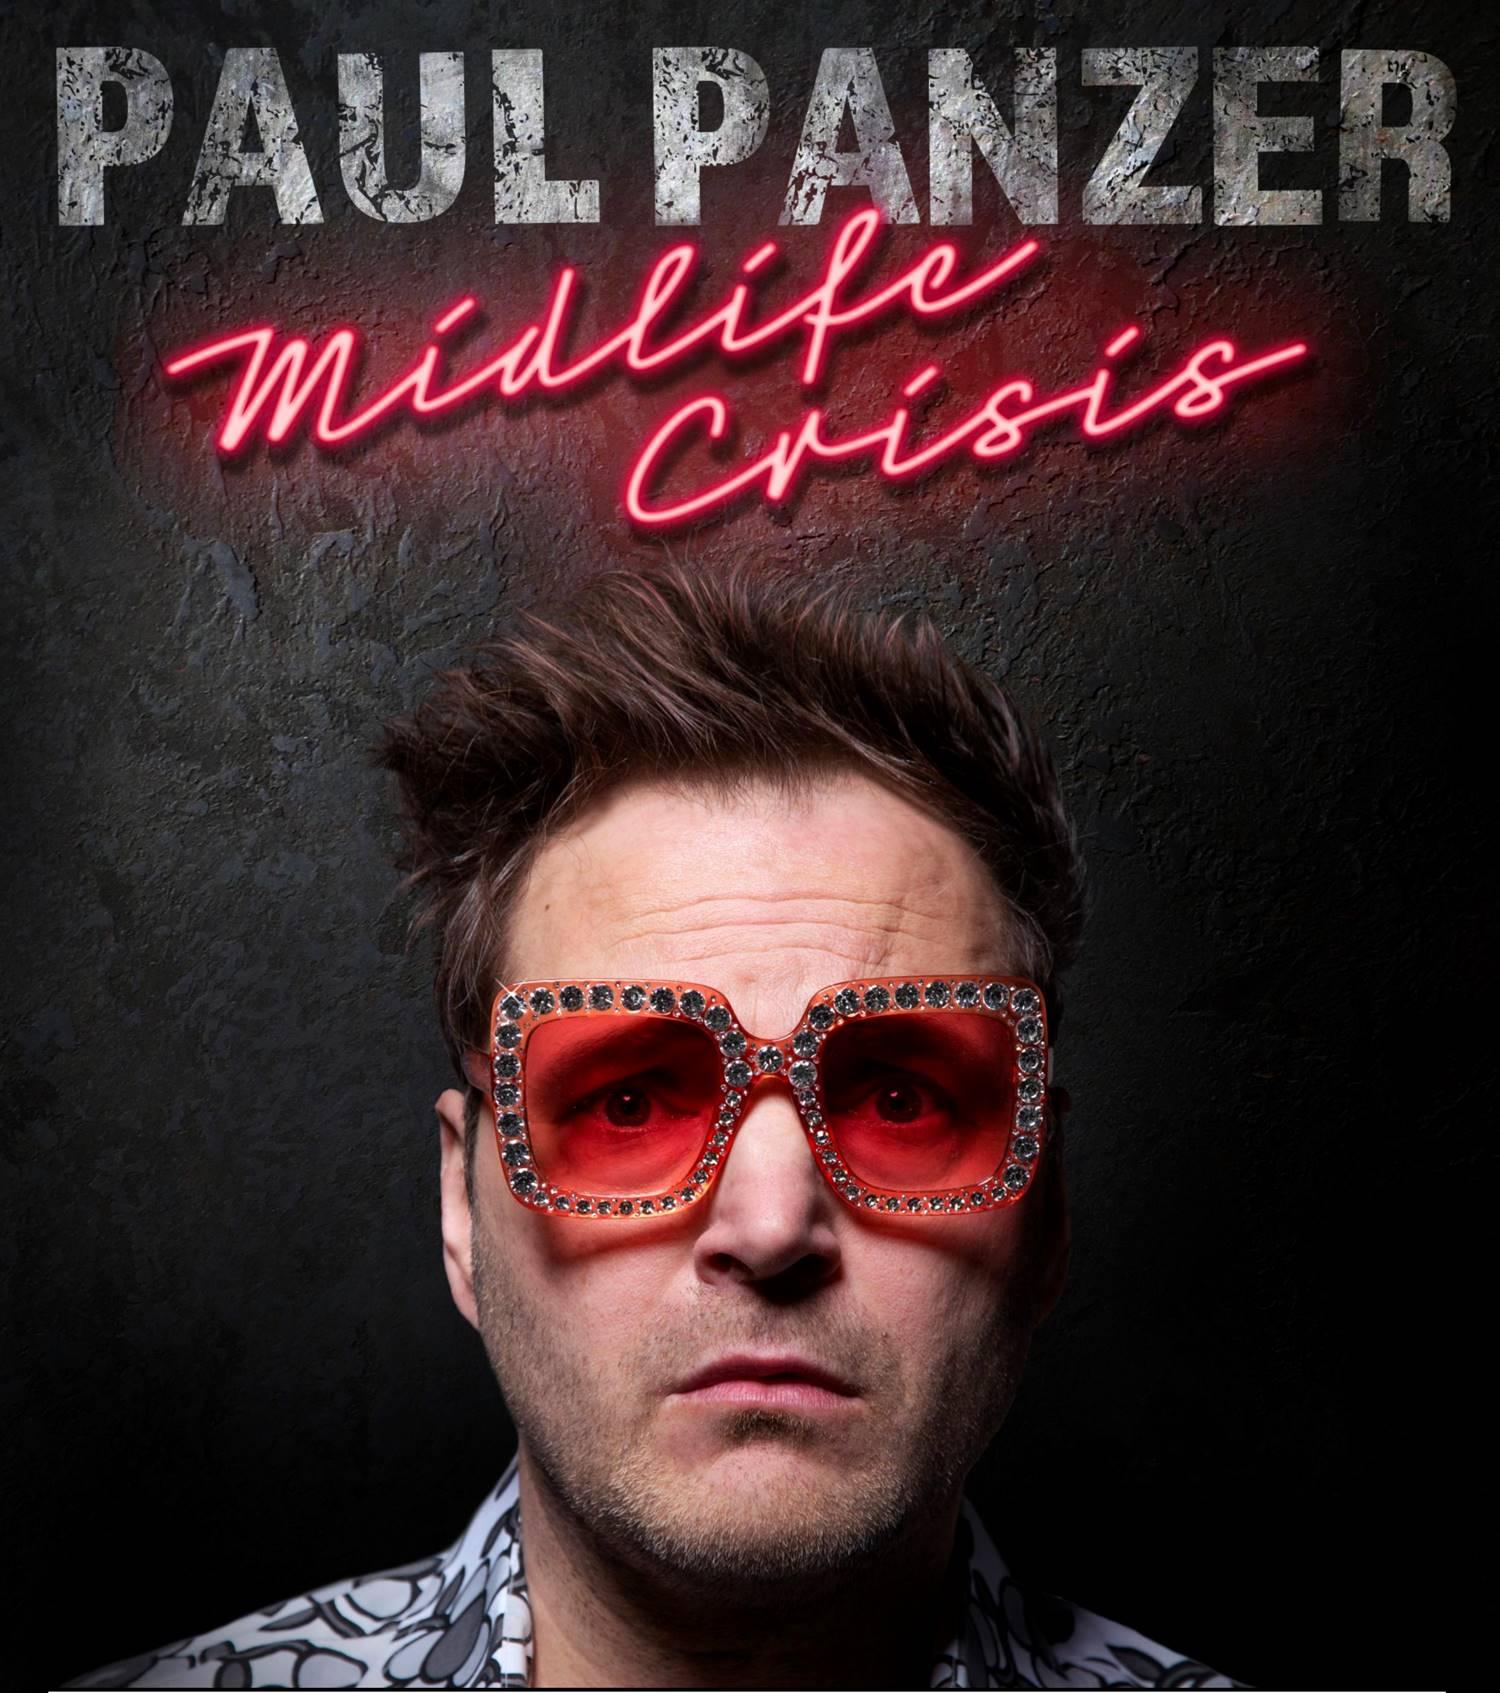 Www.Paul Panzer.De